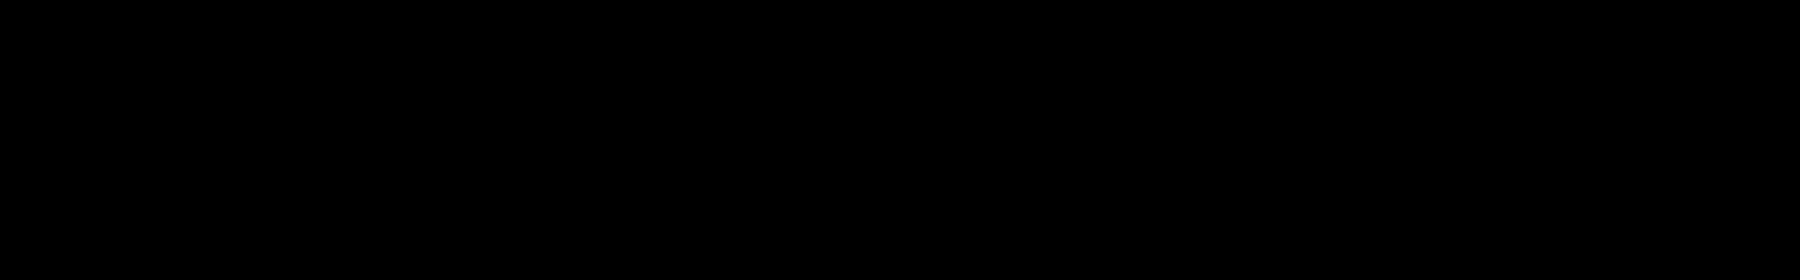 Dark Afro House audio waveform